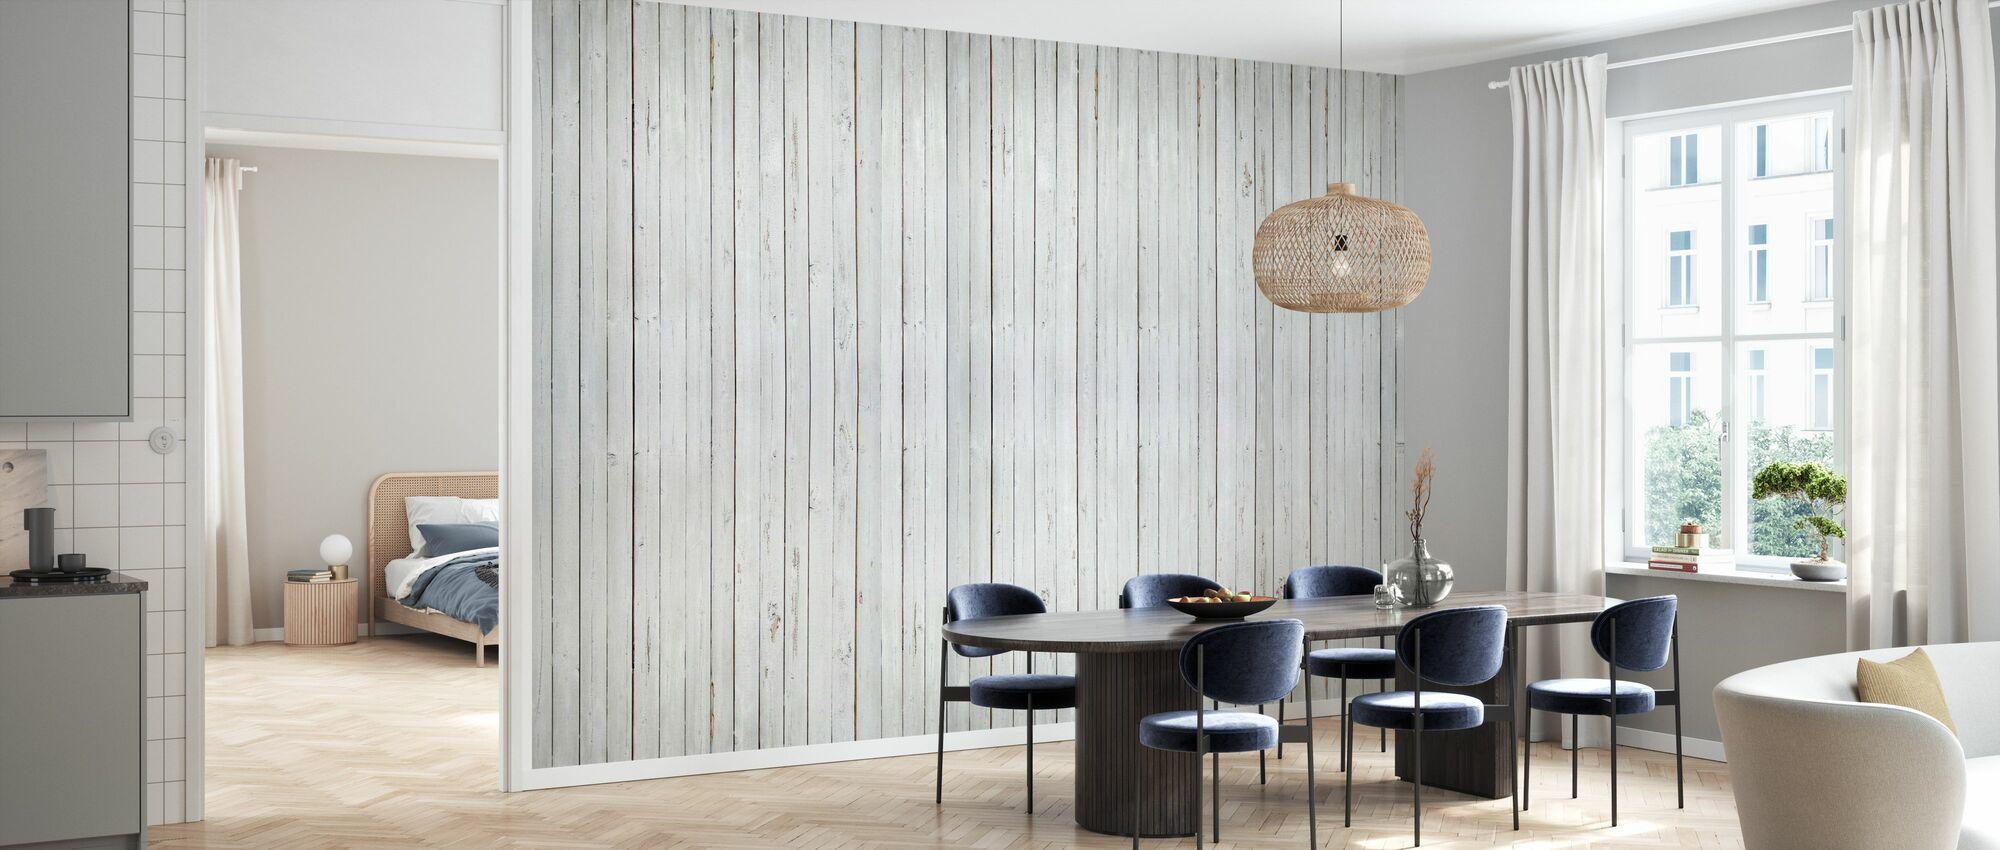 Tünche Holz - Tapete - Küchen